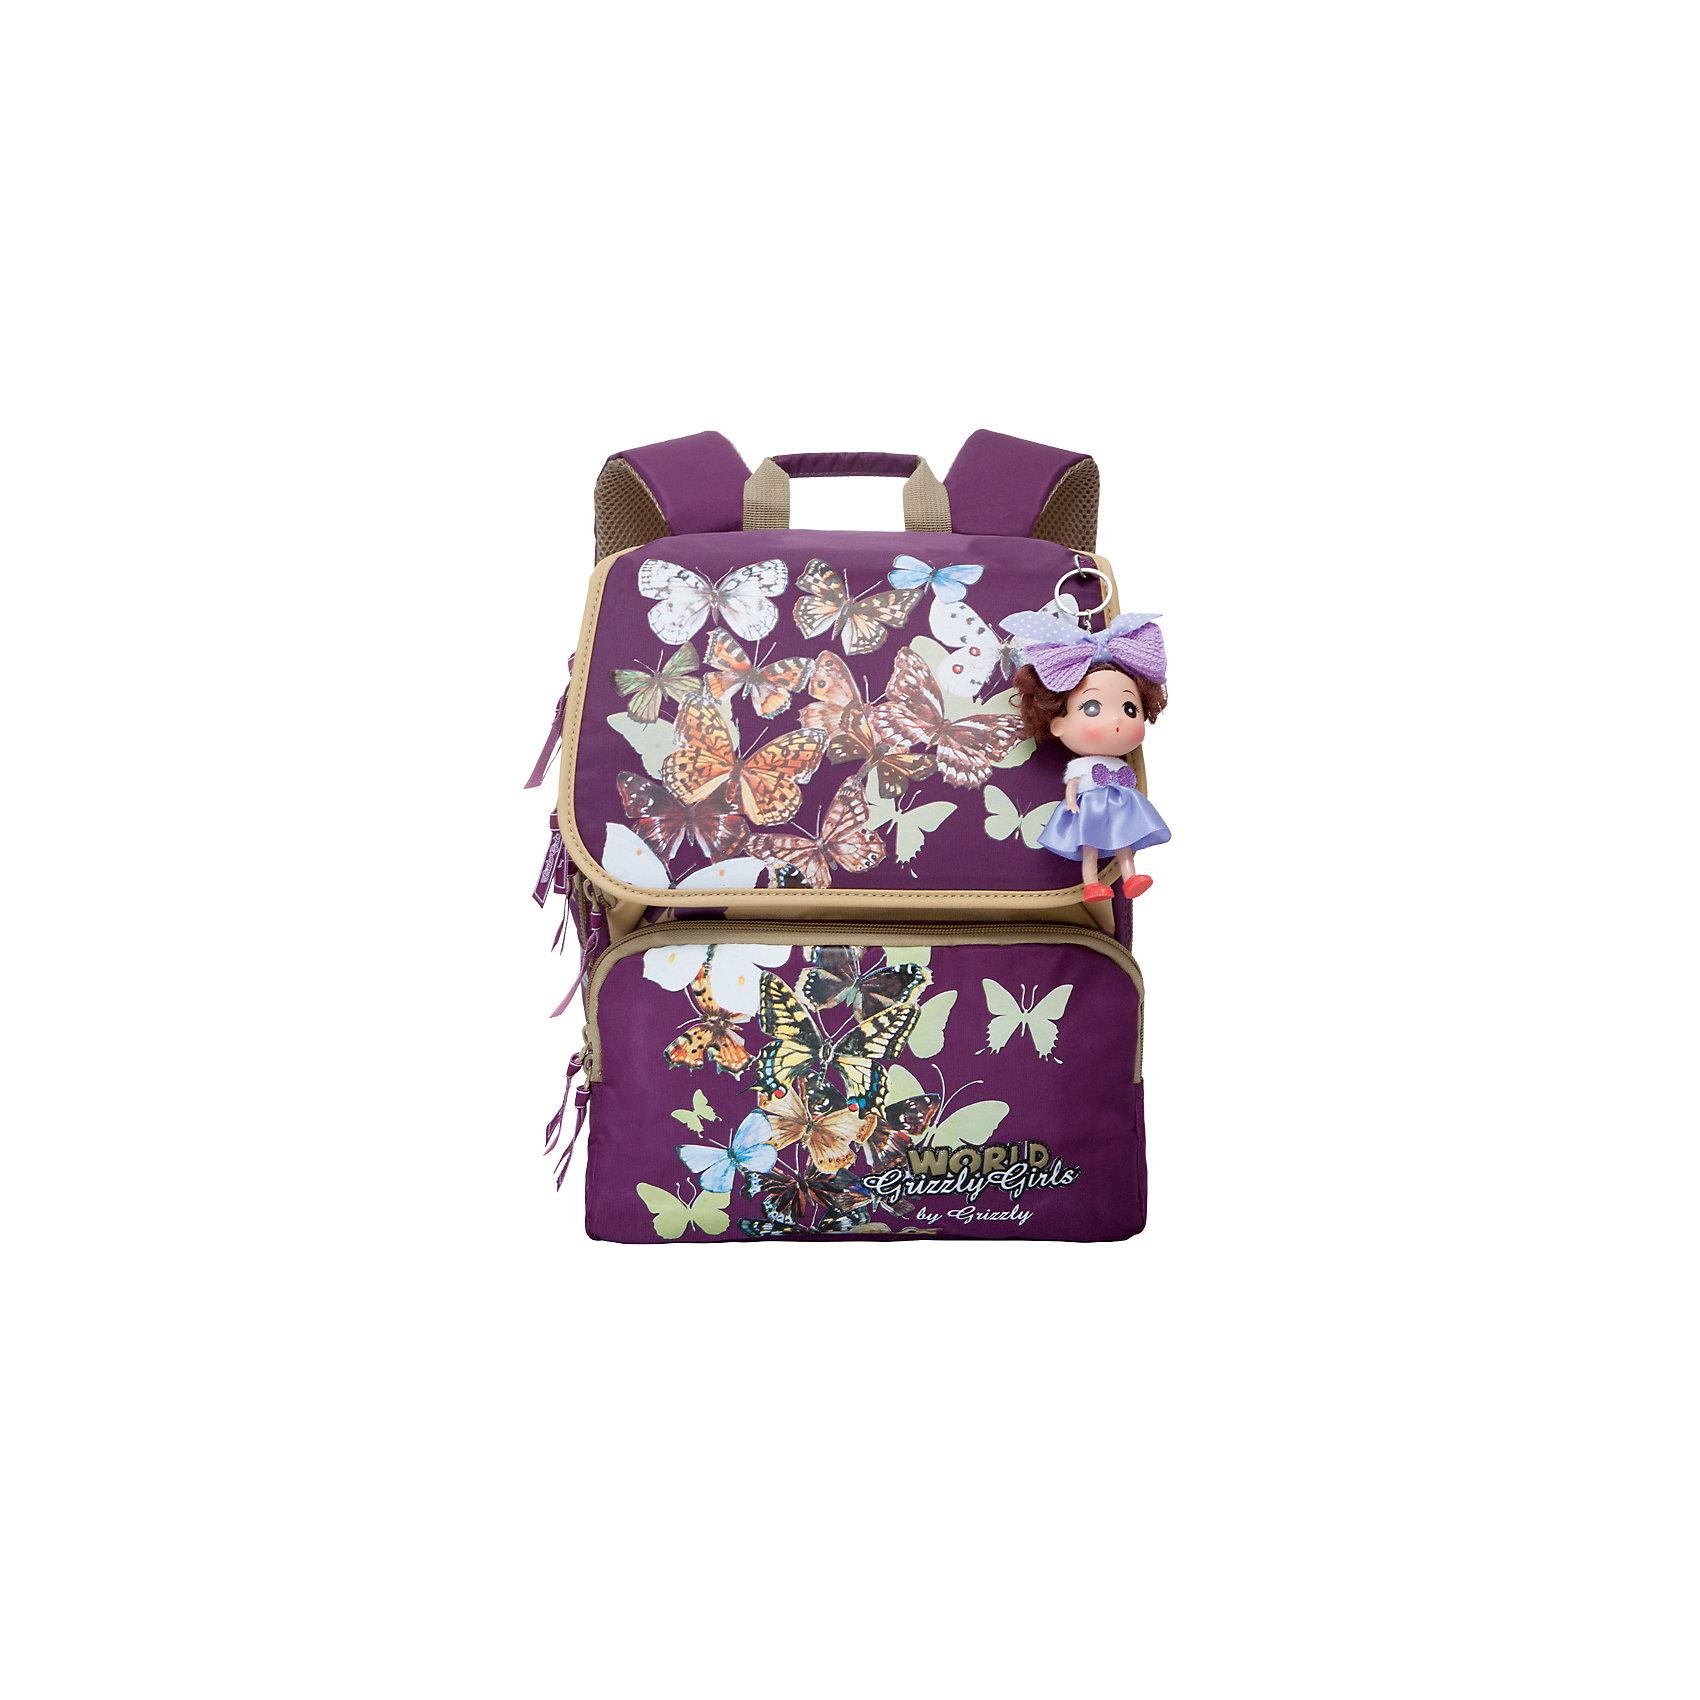 Школьный рюкзак, фиолетовыйШкольный рюкзак, фиолетовый, Grizzly (Гризли) ? рюкзак отечественного бренда Гризли школьной серии.  Рюкзак  выполнен из нейлона высокого качества, что обеспечивает, с одной стороны, легкий вес, а с другой ? надежность и прочность. Все швы выполнены капроновыми нитками, что делает швы особенно крепкими и устойчивыми к износу даже в течение нескольких лет. <br>Внутреннее устройство рюкзака состоит из двух вместительных отсеков, внутреннего составного пенала-органайзера и клапана на липучке. На передней стенке имеются два объемных кармана, застегивающихся на молнию. Удобство и эргономичность рюкзака создается за счет жесткой анатомической спинки, укрепленных лямок и мягкой укрепленной ручки. Также имеется дополнительная ручка-петля. С четырех сторон рюкзака имеются светоотражающие элементы. В комплекте с рюкзаком идет игрушка-брелок. Уникальность рюкзаков Grizzly заключается в том, что анатомическая спинка изготовлена из специальной ткани, которая пропускает воздух, тем самым защищает спину от повышенного потоотделения.<br>Все рюкзаки школьной серии Grizzly (Гризли) имеют оригинальный современный дизайн. Школьный рюкзак, фиолетовый, Grizzly (Гризли) выполнен в фиолетово-коричневых оттенках. Передние карманы украшены аппликациями из бабочек разной окраски и величины.<br>Школьный рюкзак, фиолетовый, Grizzly (Гризли) ? это качество материалов, удобство, стиль и долговечность использования. <br><br>Дополнительная информация:<br><br>- Вес: 900 г<br>- Габариты (Д*Г*В): 29*18*35 см<br>- Цвет: фиолетовый, коричневый, голубой, белый, желтый<br>- Материал: нейлон <br>- Сезон: круглый год<br>- Коллекция: школьная <br>- Год коллекции: 2016 <br>- Пол: женский<br>- Предназначение: для школы<br>- Особенности ухода: можно чистить влажной щеткой или губкой, допускается ручная стирка<br><br>Подробнее:<br><br>• Для школьников в возрасте: от 6 лет и до 10 лет<br>• Страна производитель: Китай<br>• Торговый бренд: Grizzly<br><br>Школьный рюкзак, фиолетовый, Grizz